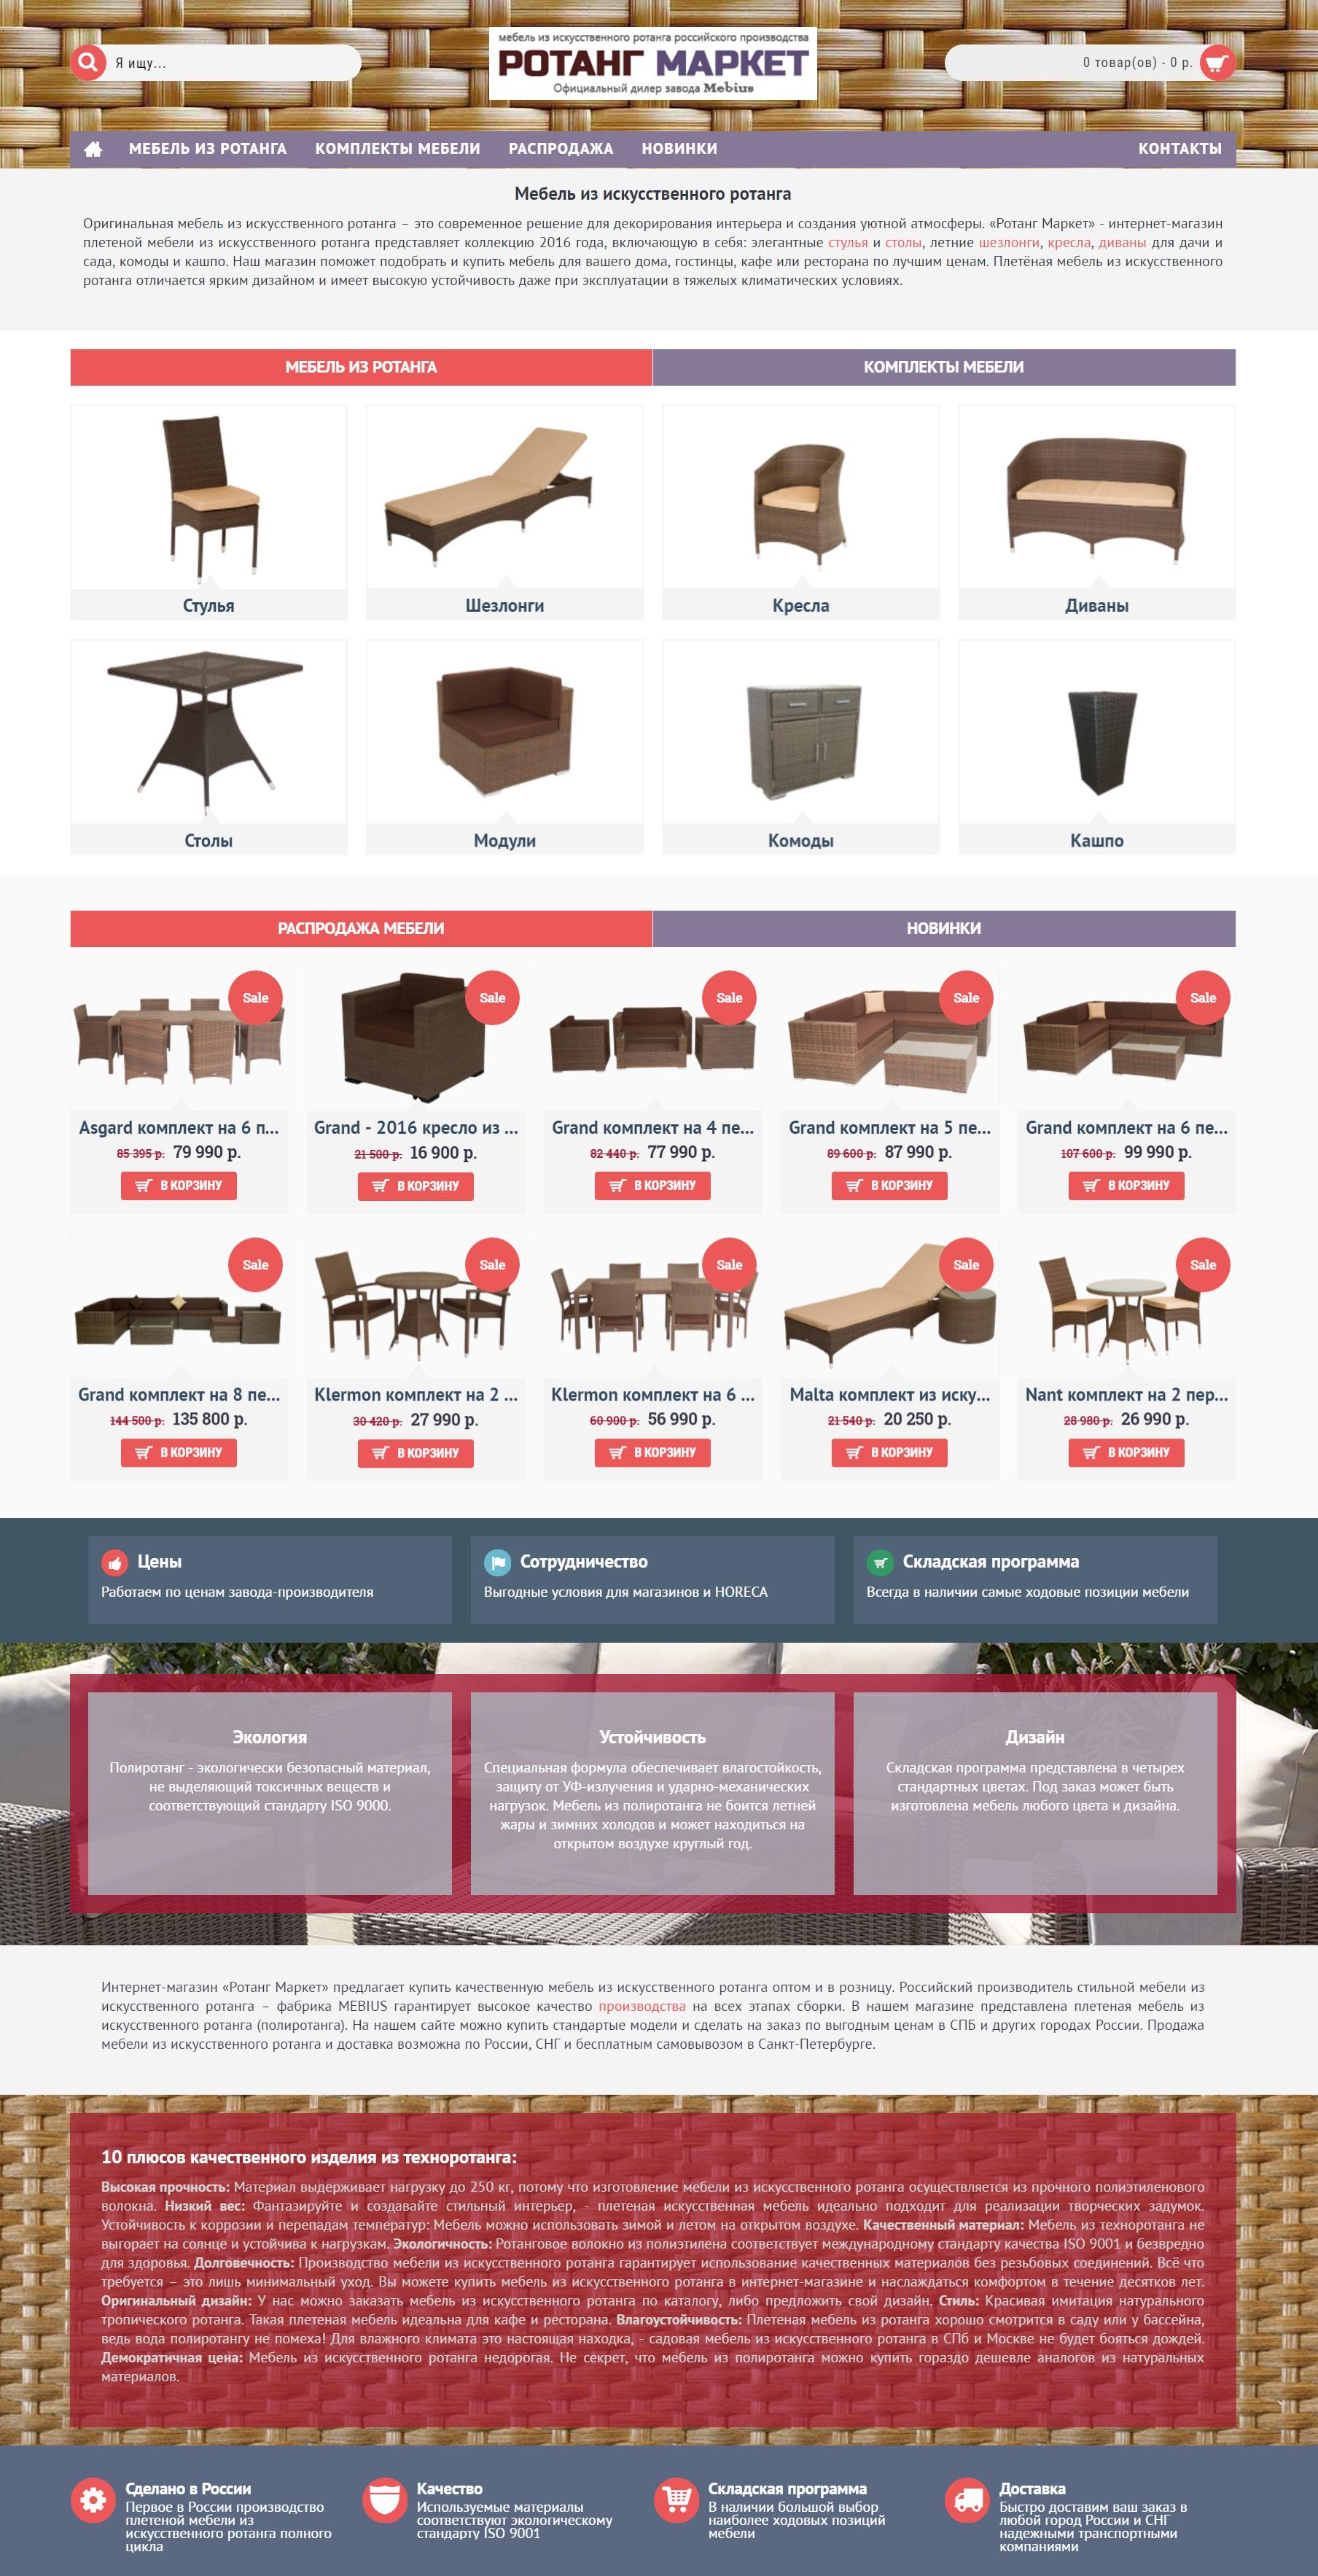 Тексты для магазина мебели из ротанга rotangmarket.ru